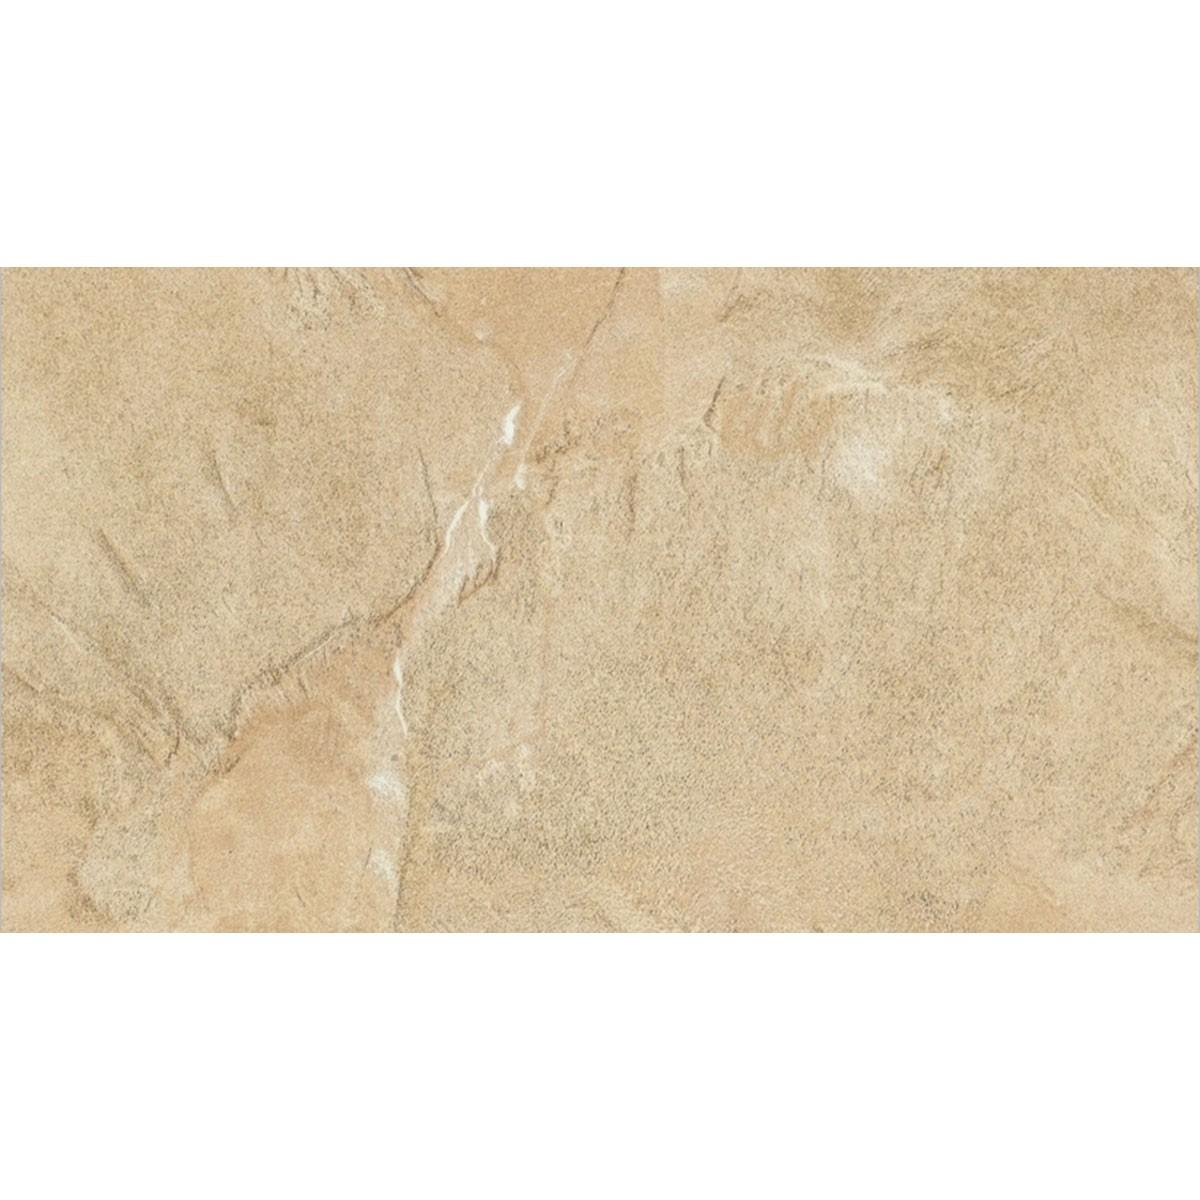 24 x 12 In. Beige Porcelain Floor Tile - 8 Pcs/Case (15.50 sq.ft/Case) (MO60A-2)